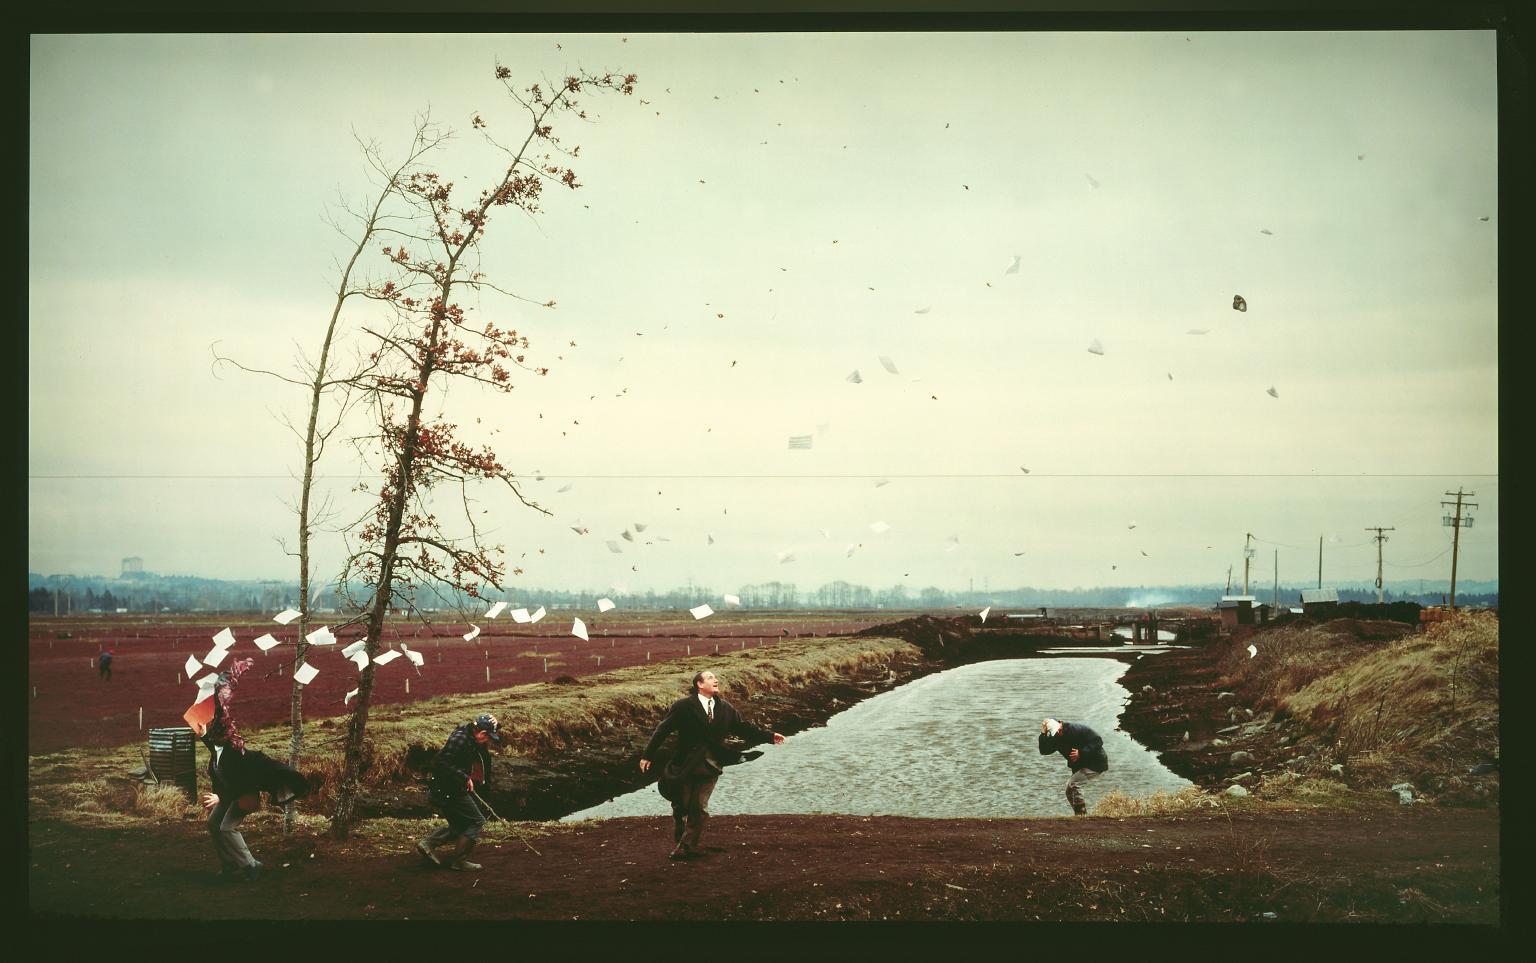 게르하르트 리히터, 목초지, 1985, 90.5cm x 94.9cm, Oil on canvas